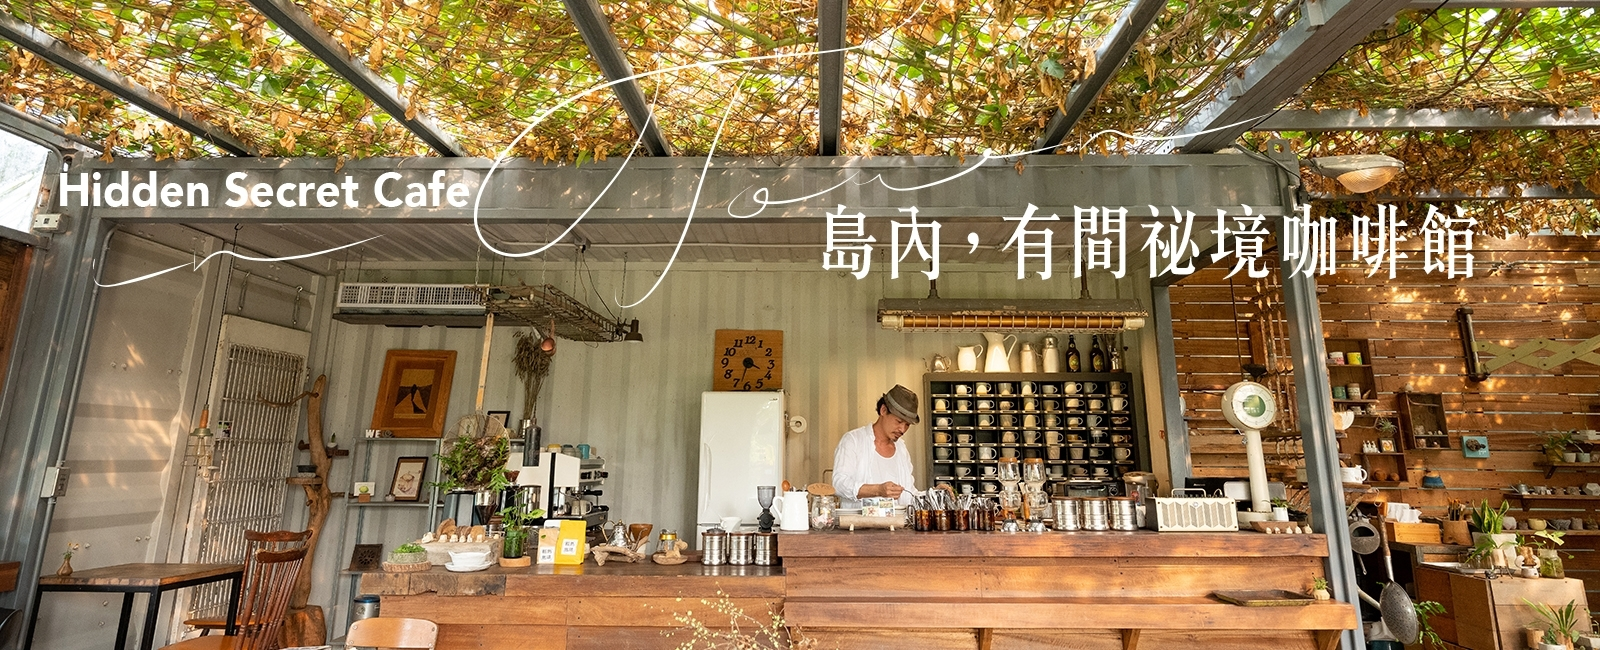 【島內秘境咖啡1】新北預約制溫室咖啡廳「Papa在三芝」整片浪漫藤蔓、私房甜點推薦,還能體驗手寫明信片、DIY手作課程